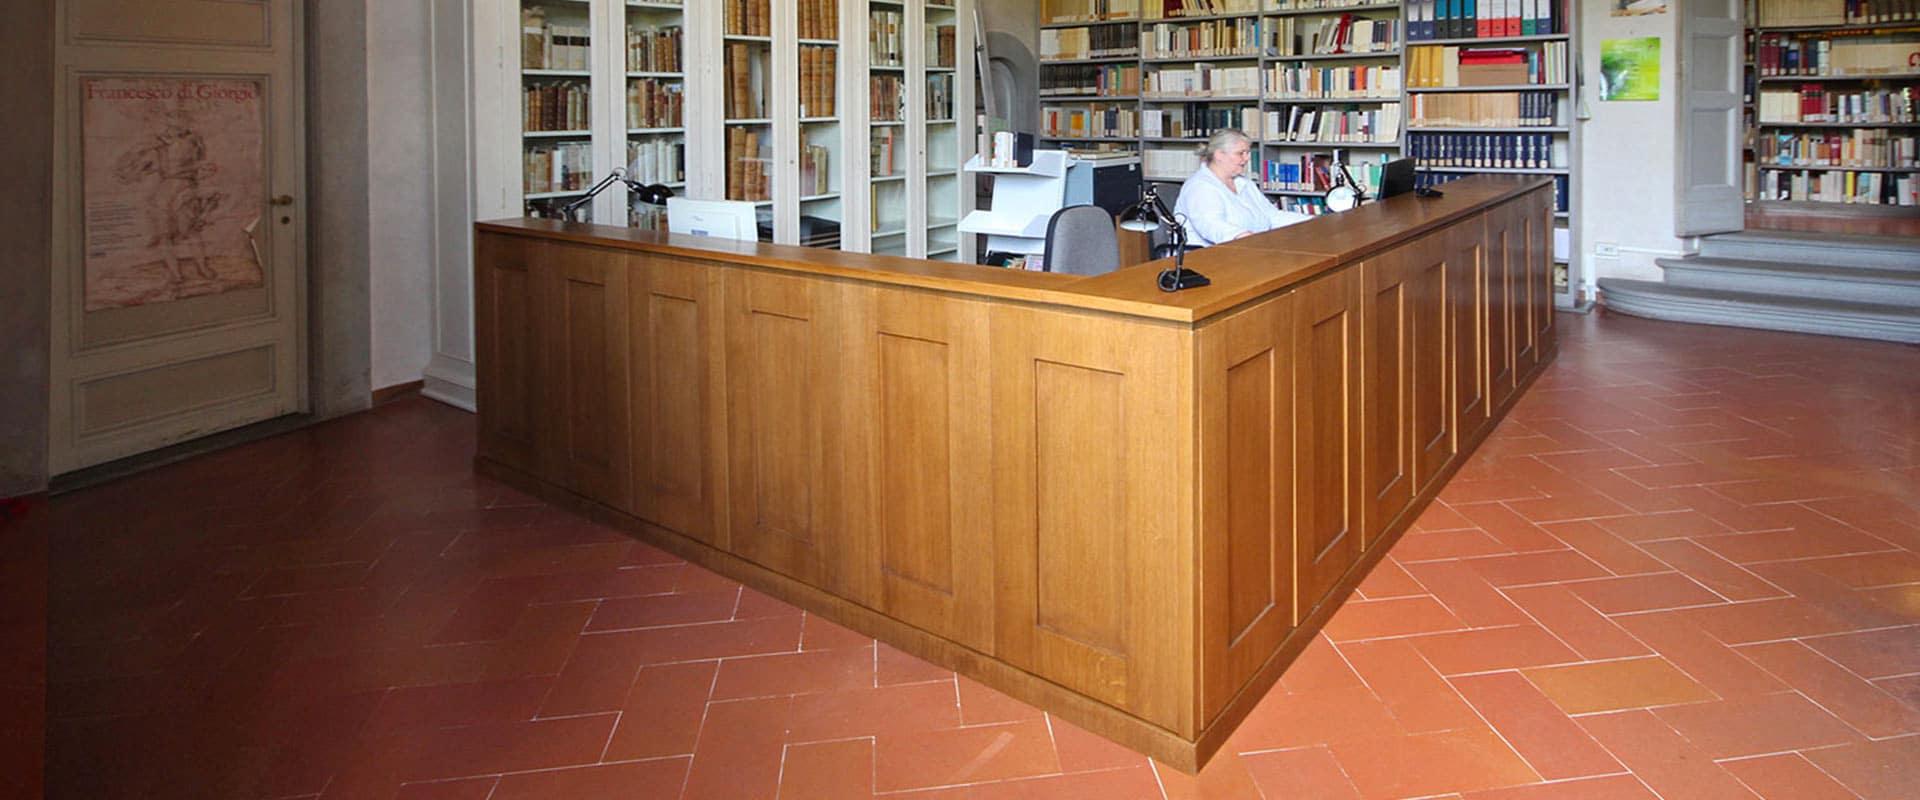 Mobili su Misura: Librerie e Scrivanie per Accademia della Crusca | JFD